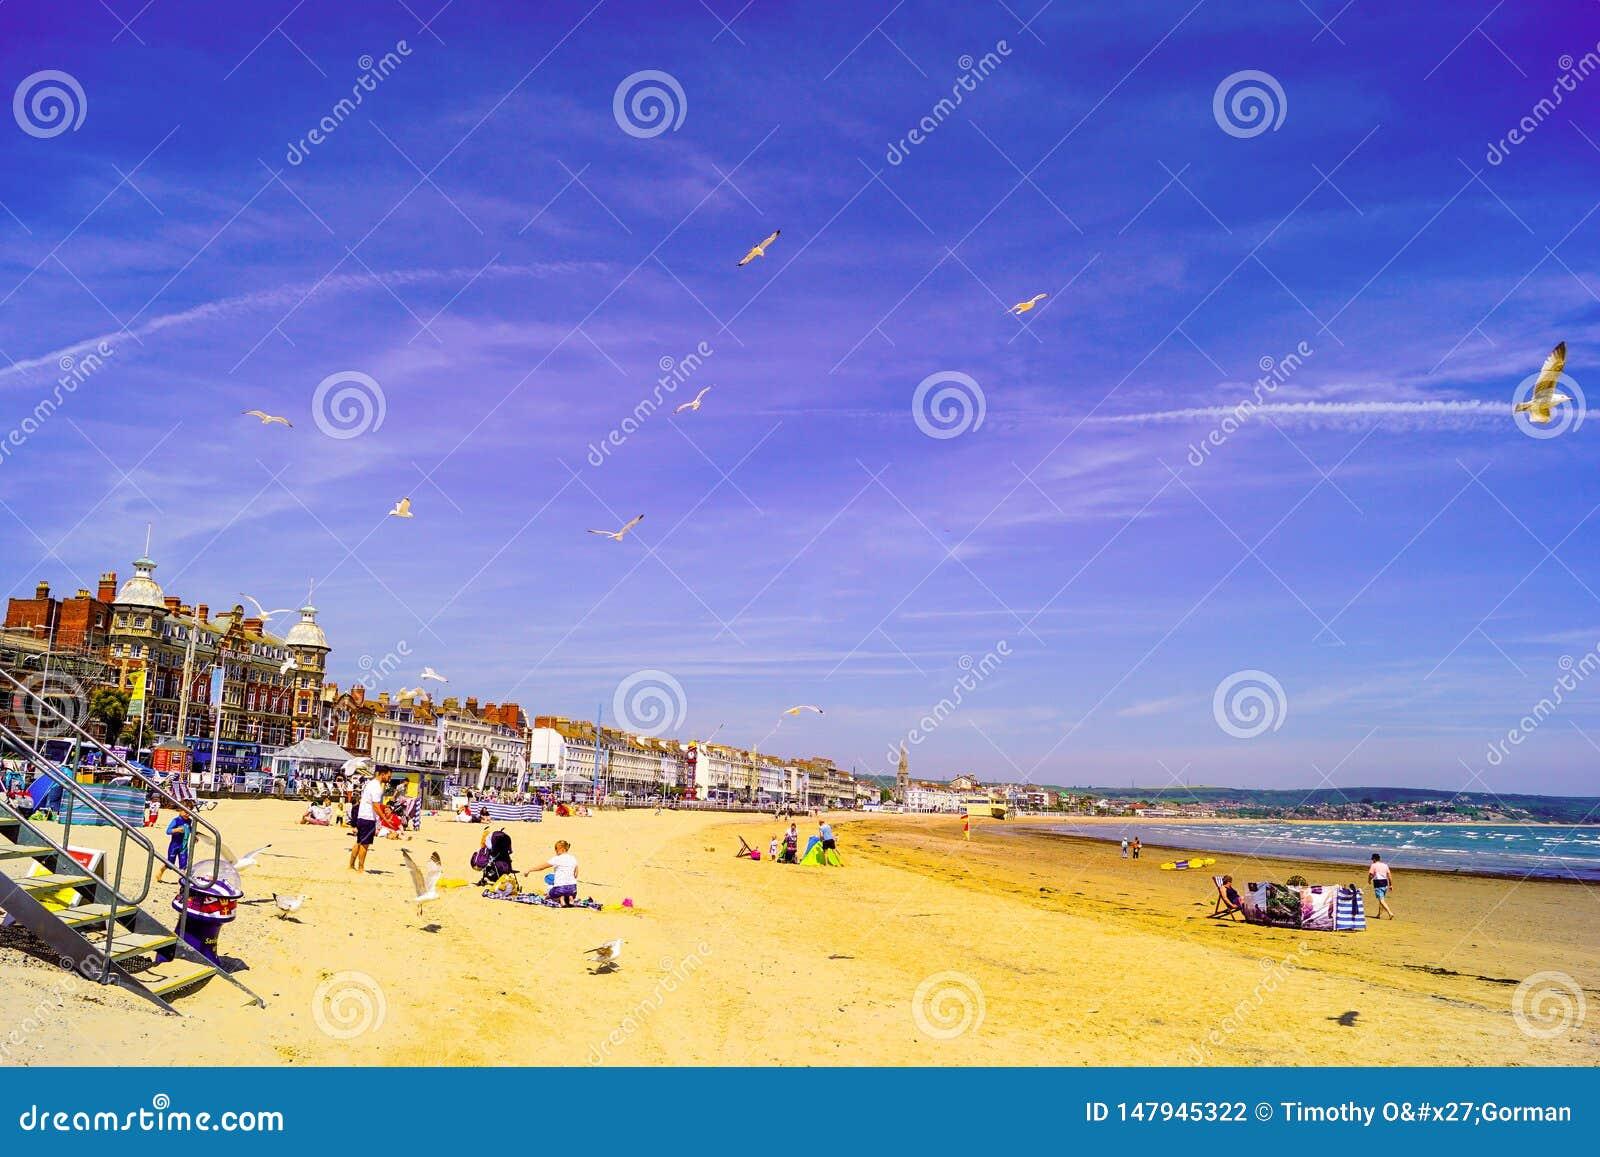 Plage de Weymouth occupée avec des familles appréciant leurs vacances